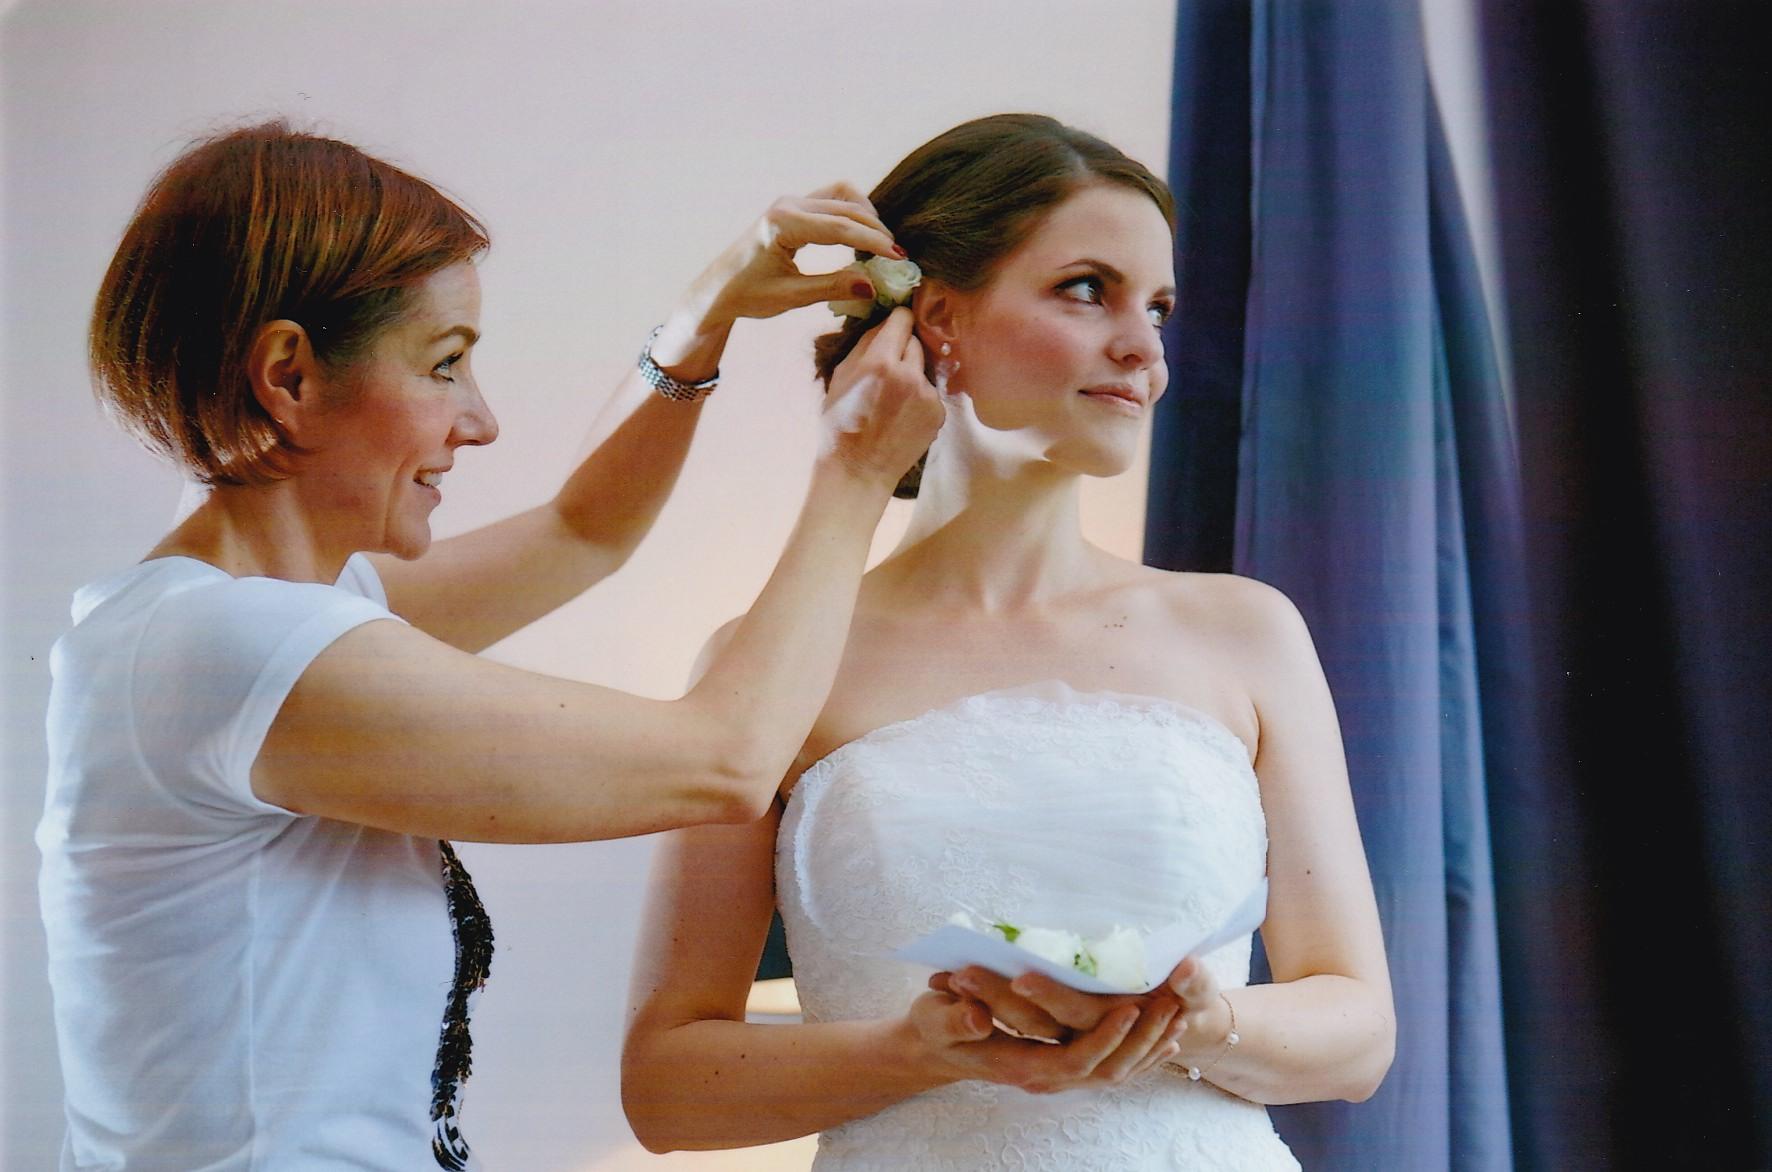 Hochzeit, Brautstyling, Brautfrisur